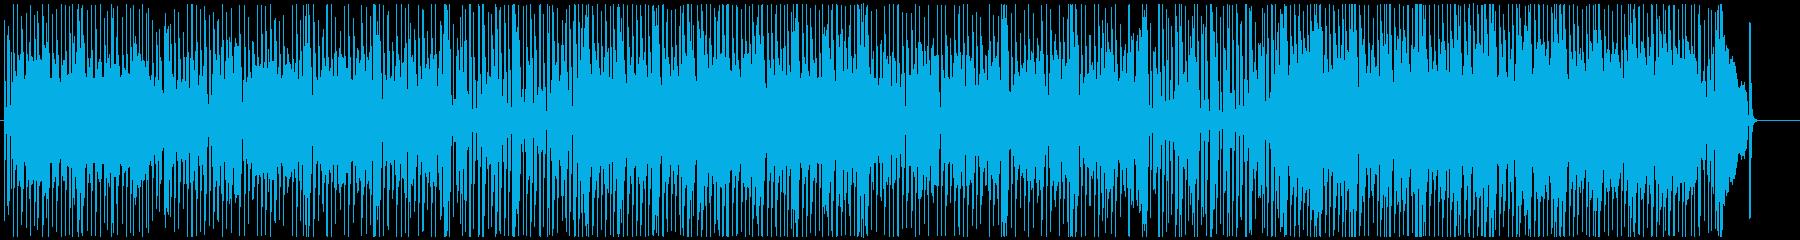 泥臭いギターのブルースロック調ポップスの再生済みの波形